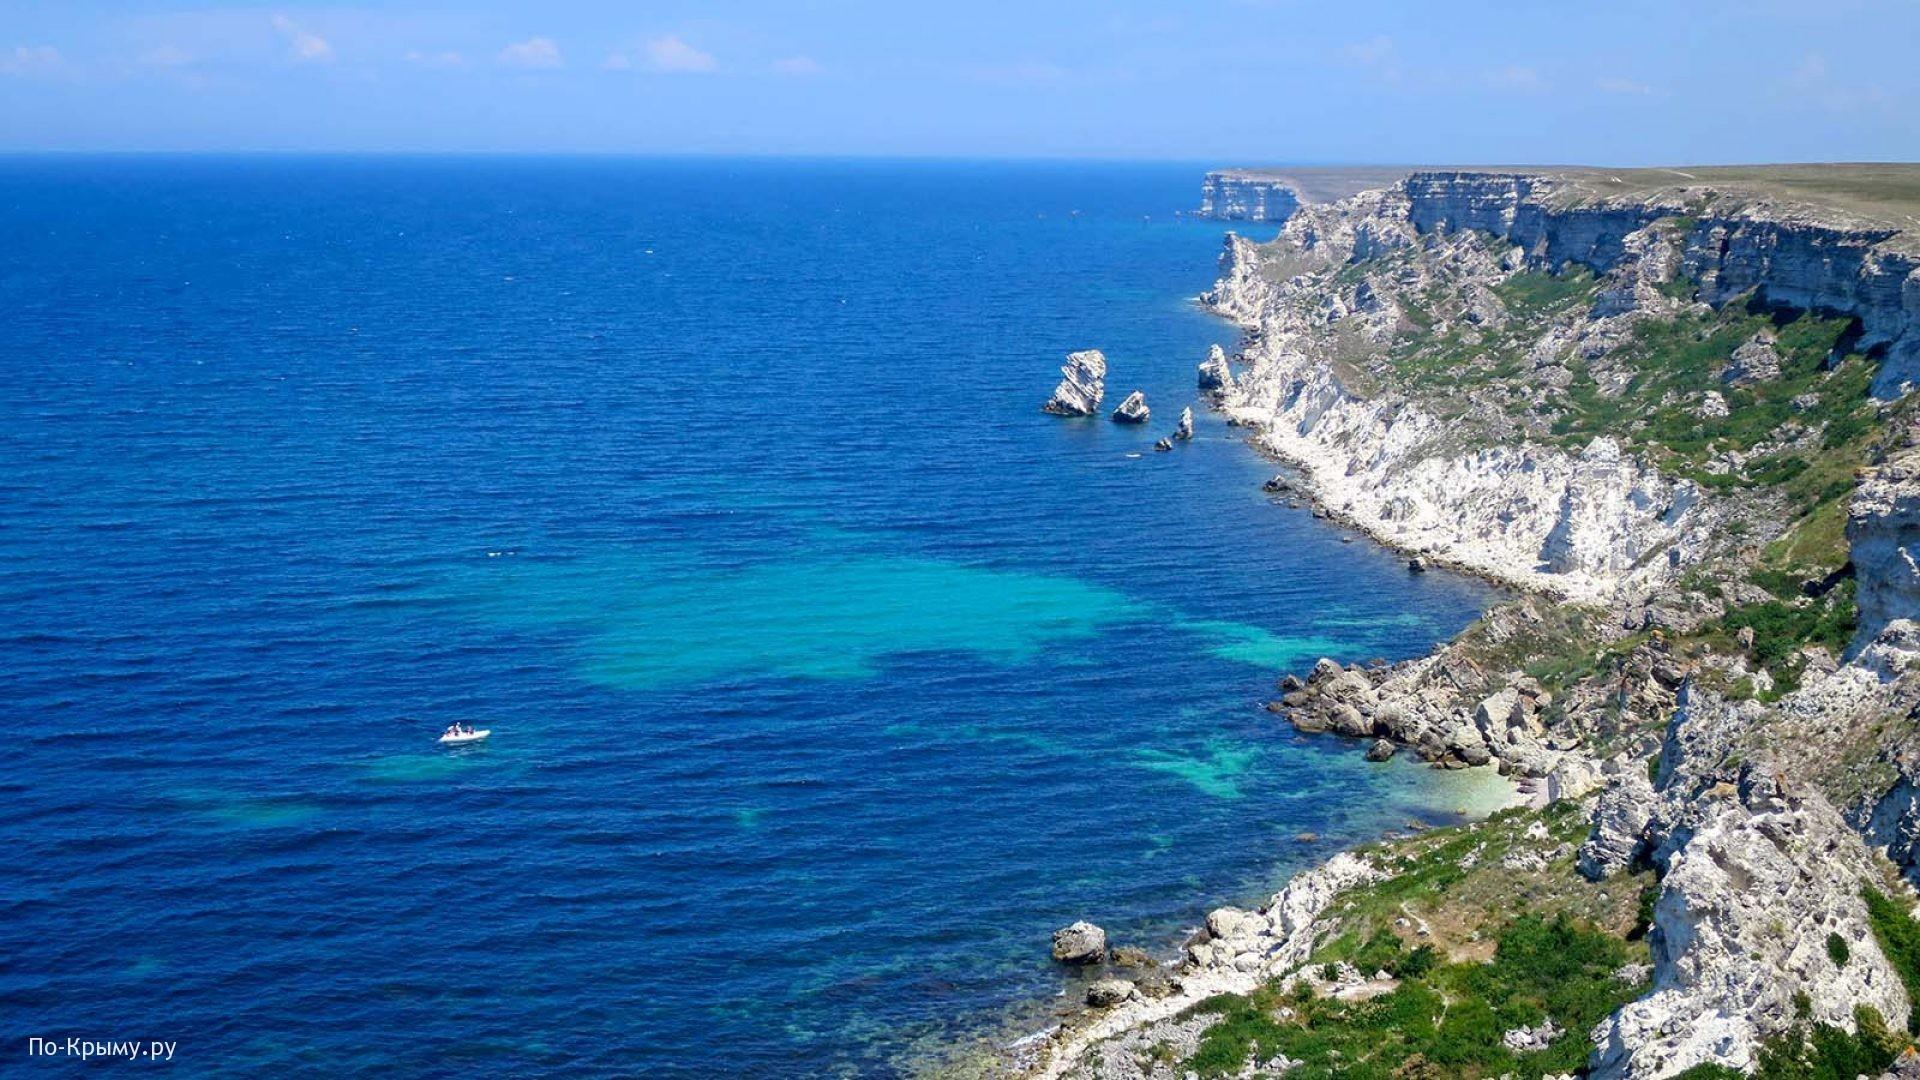 Обрывистые берега Тарханкутского полуострова